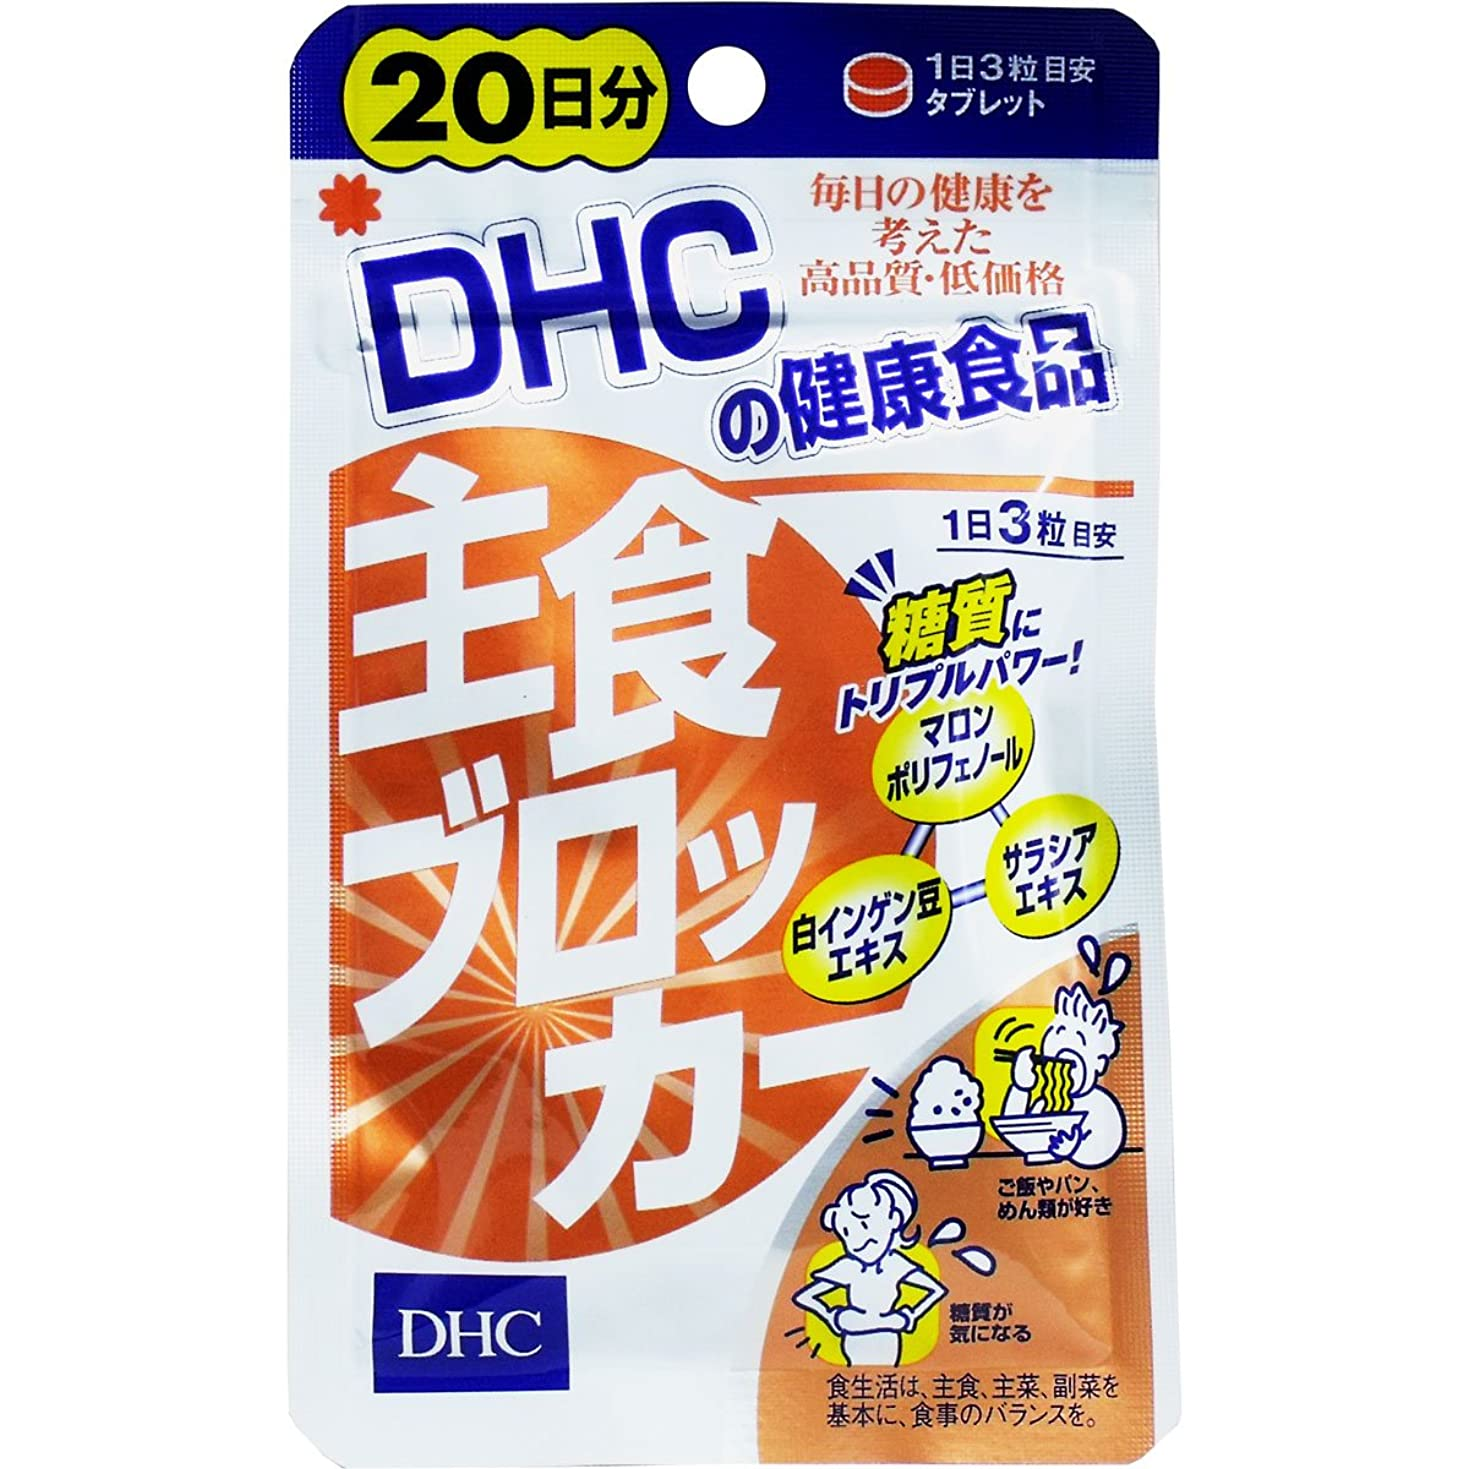 上下するカストディアンお別れDHC 主食ブロッカー 20日分 60粒(12g) ×4個セット